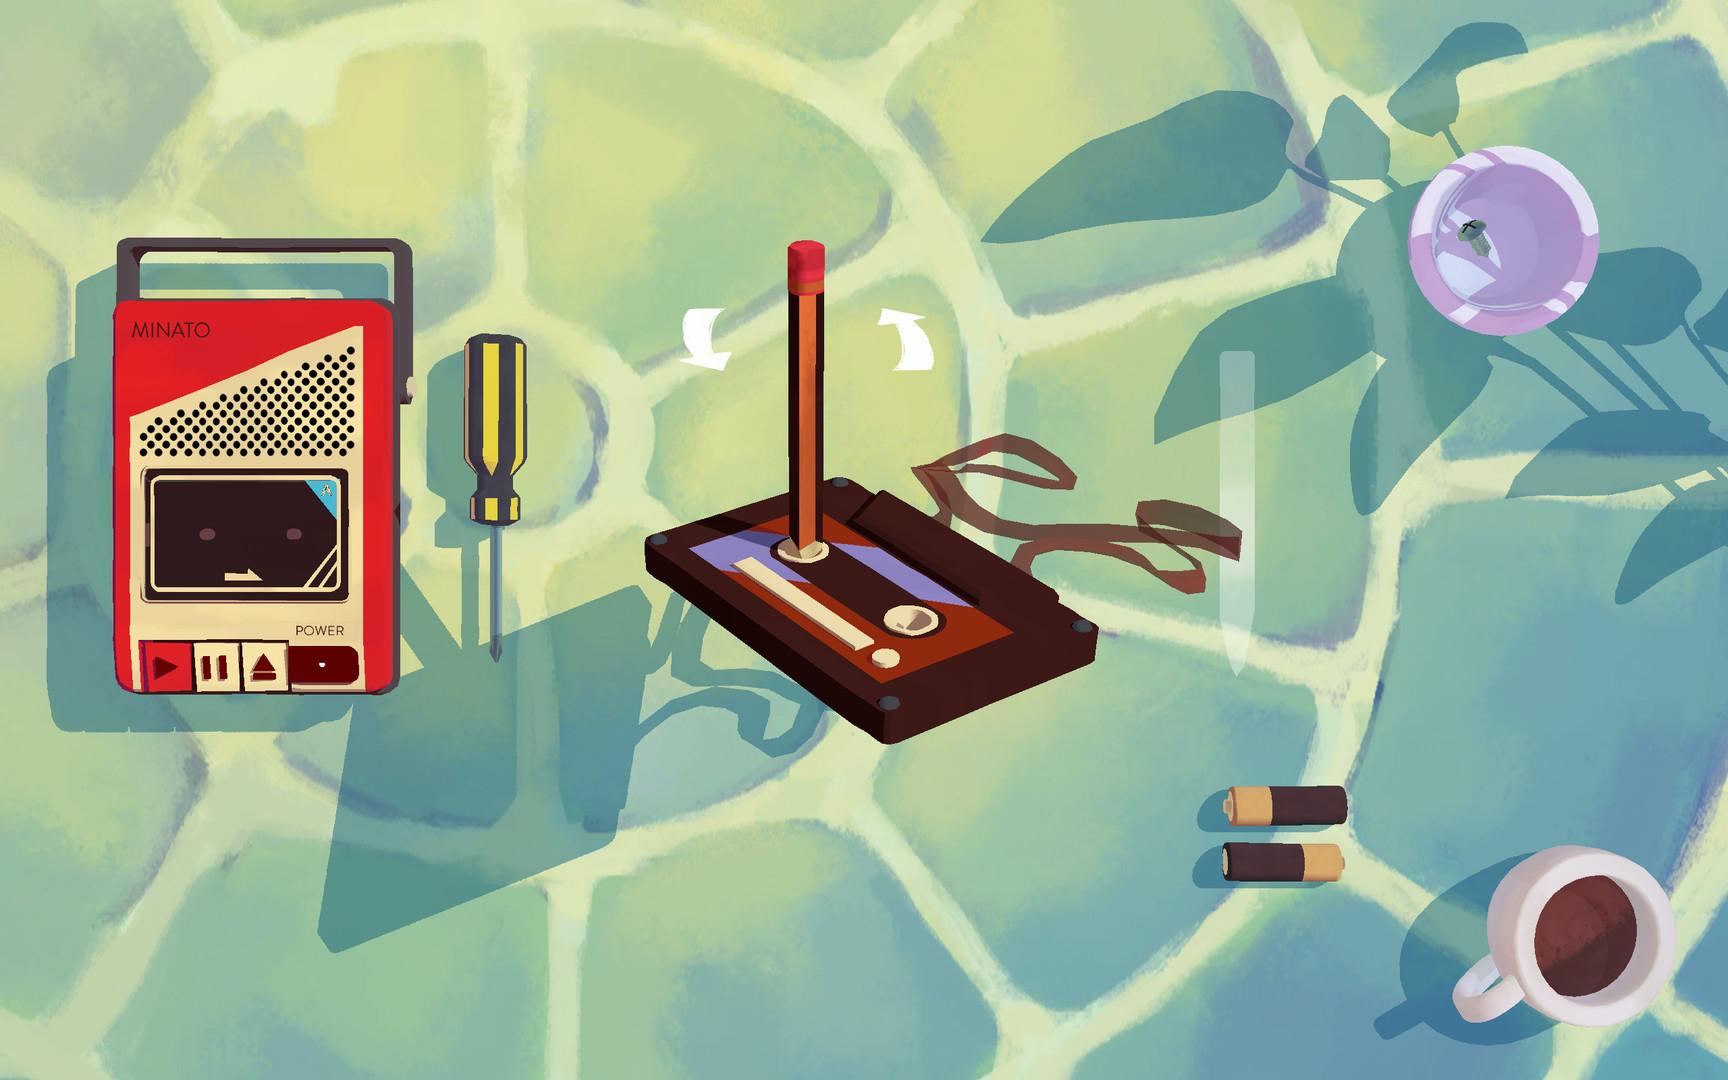 《纪念碑谷》开发商新作上架Steam 明年一季度发售